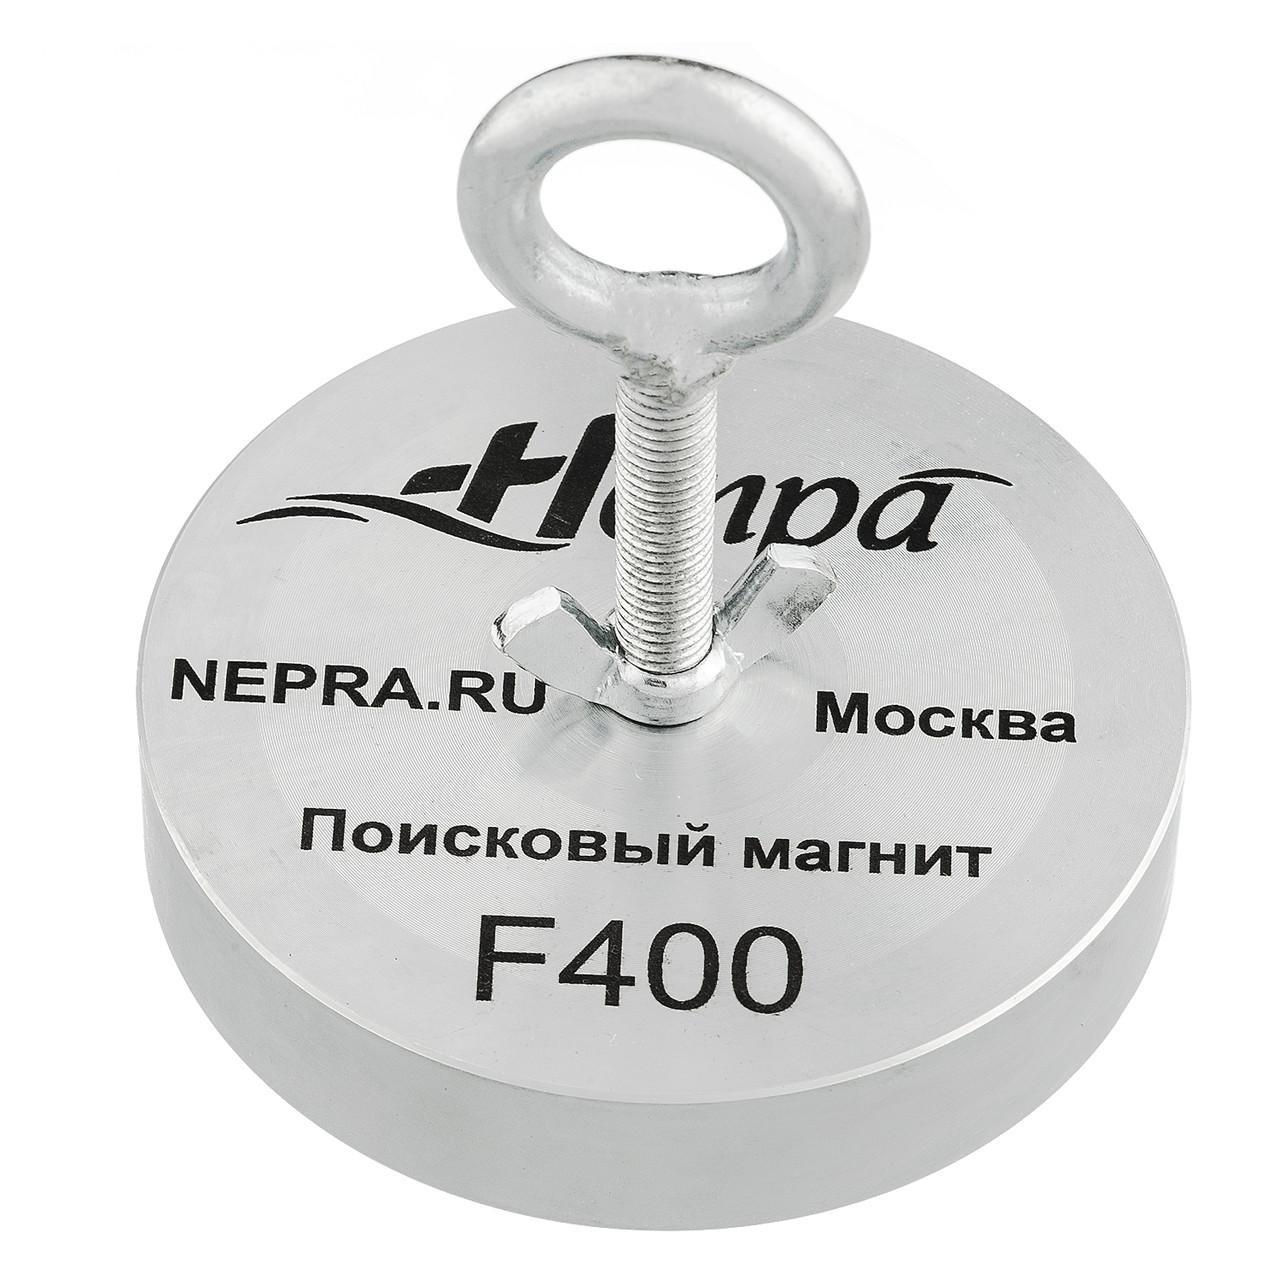 Поисковый магнит F400 Односторонний Непра